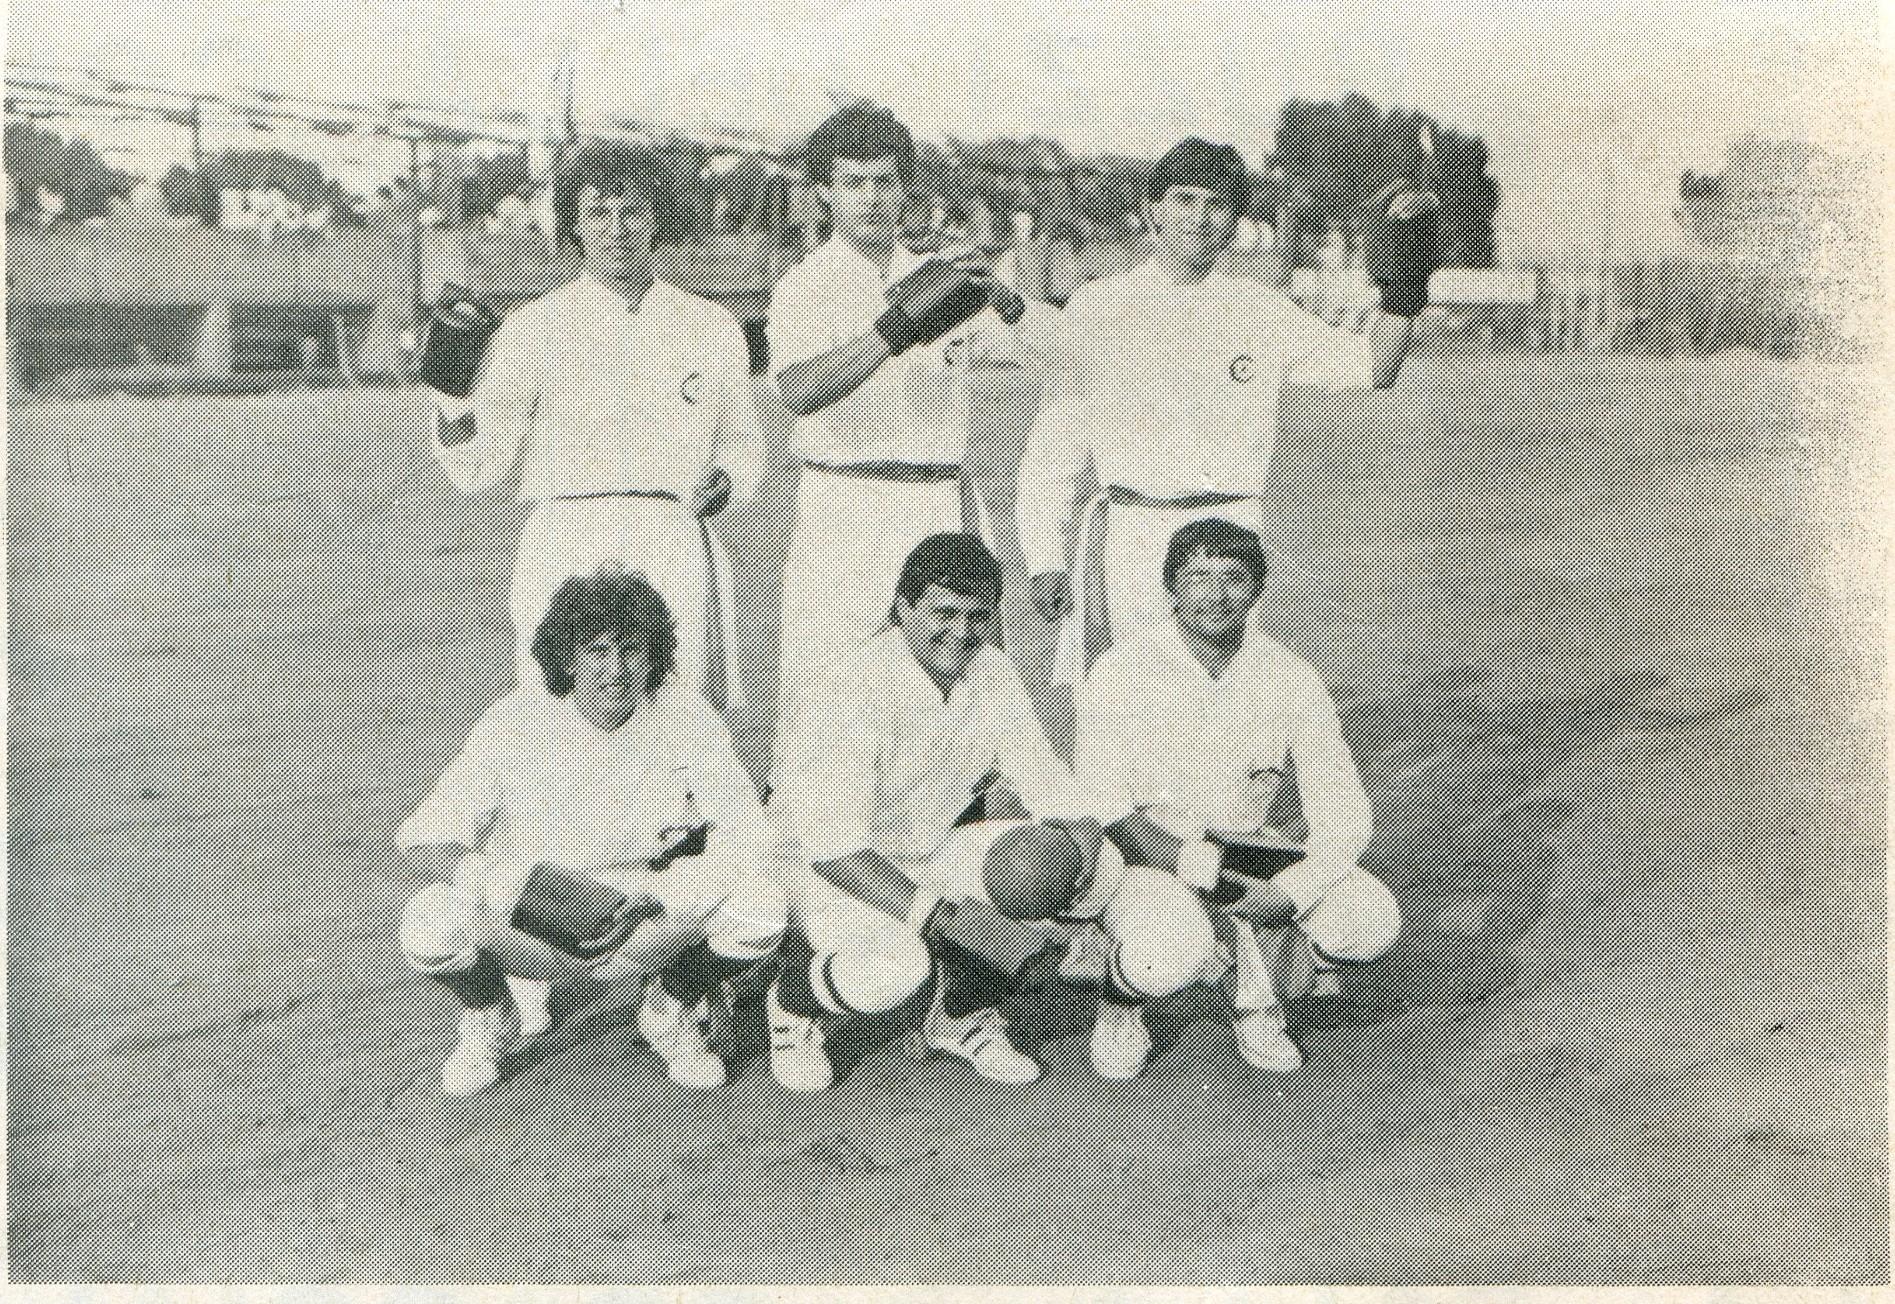 La prima squadra di Palla al Bracciale del Granocchiaio - 1981